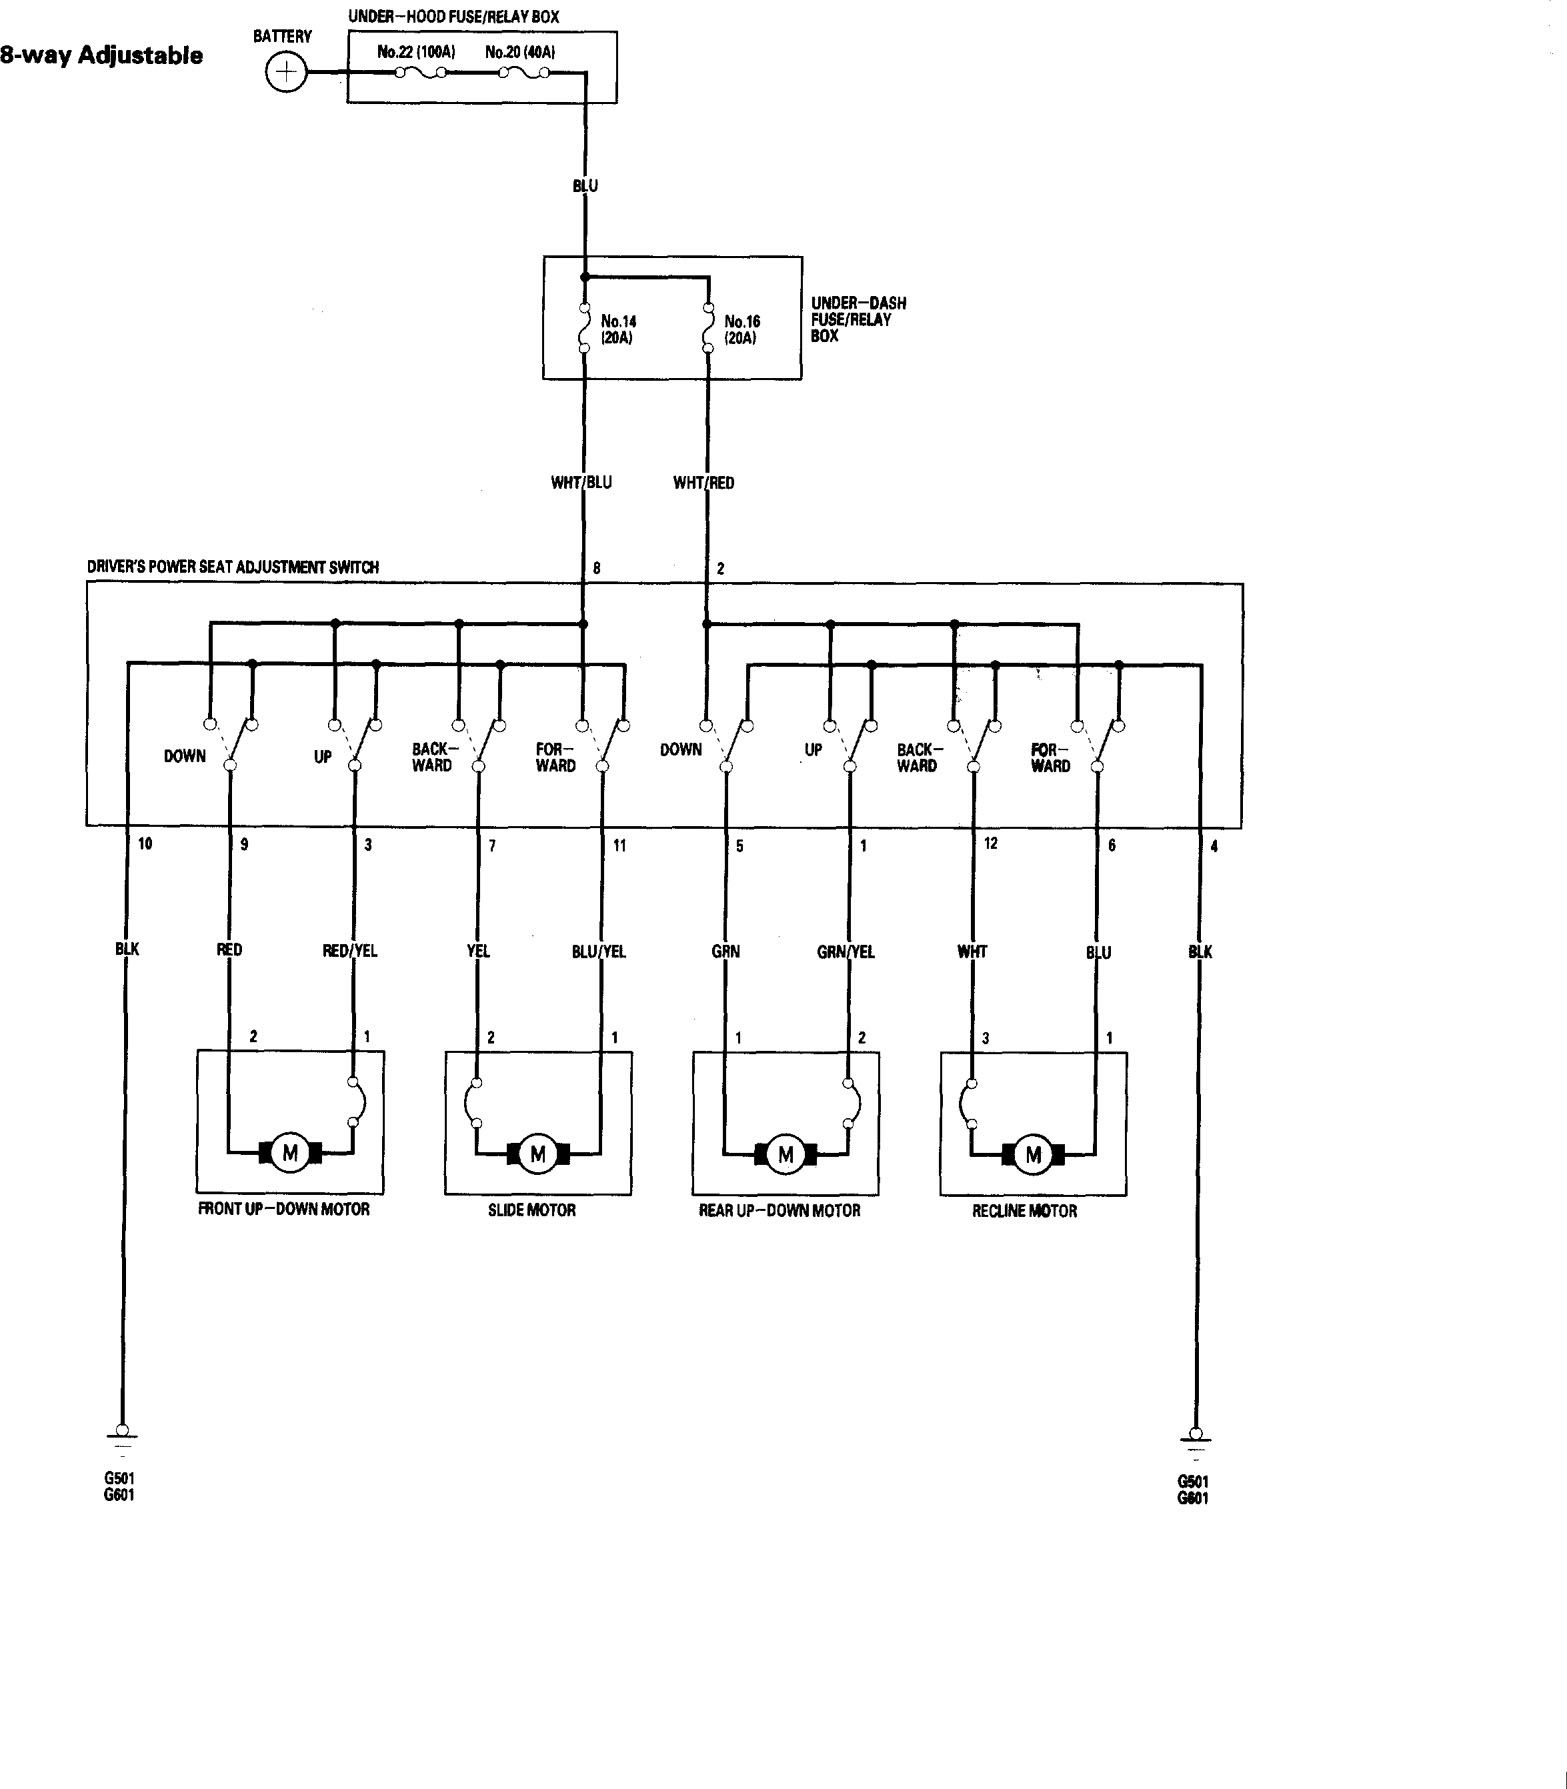 2003 honda accord wiring diagram ford taurus exhaust wiper 7mi awosurk de for 2006 online rh 20 13 lightandzaun 1995 windshield